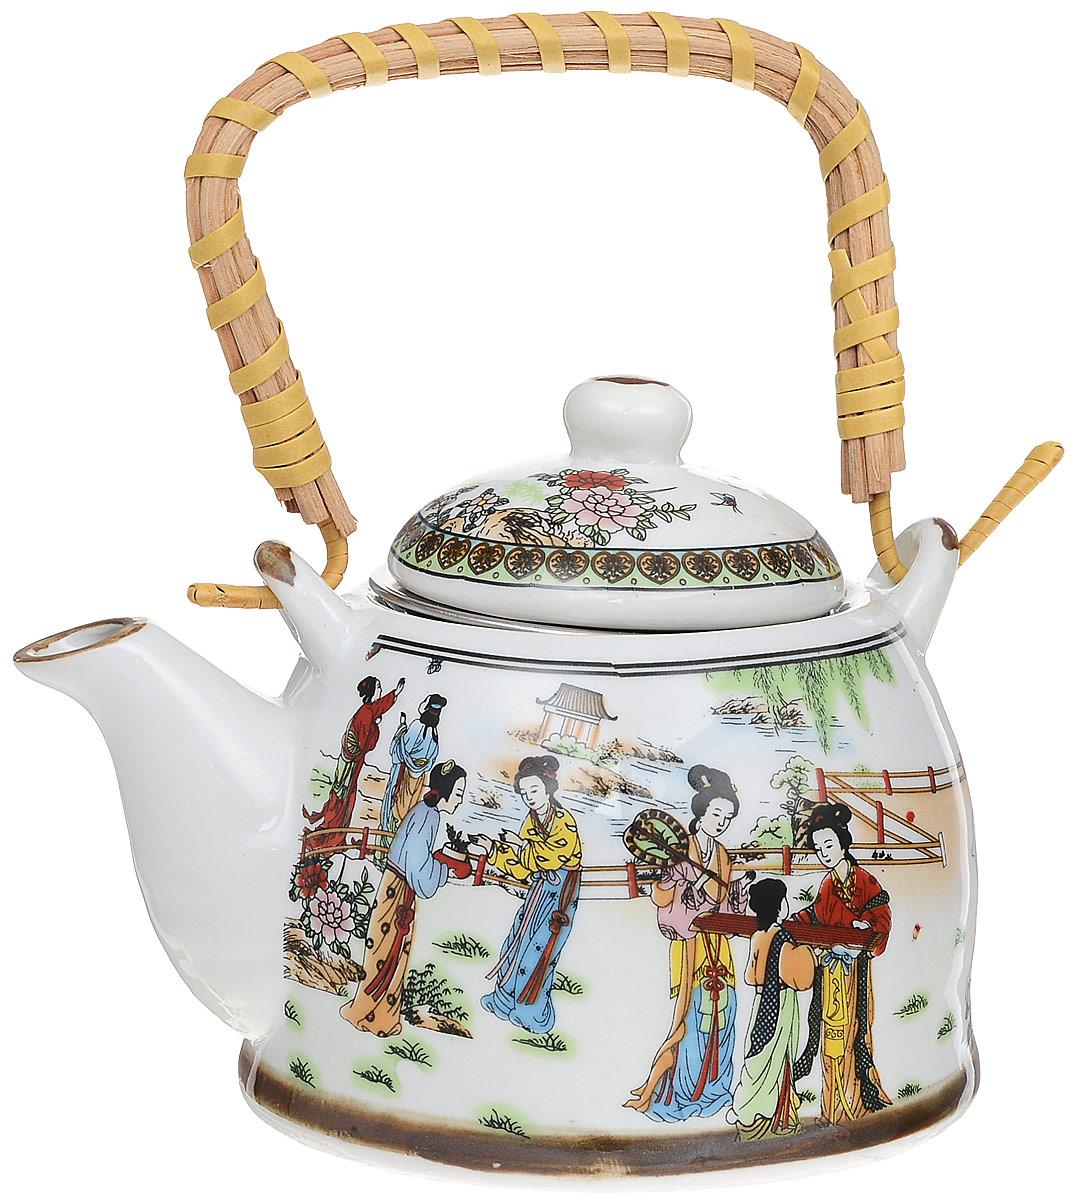 Чайник заварочный Patricia Девушки, с фильтром, 400 мл68/5/4Заварочный чайник Patricia Девушки изготовлен из высококачественной керамики с гладким глазурованным покрытием. Изделие снабжено металлическим фильтром и съемной ручкой.Любой чай в таком изысканном чайнике станет для вас наслаждением, поводом отдохнуть и перевести дыхание. Он прекрасно украсит сервировку стола к чаепитию, а также станет хорошим подарком друзьям и близким. Диаметр (по верхнему краю): 7,5 см. Диаметр (по внутреннему краю): 5,5 см. Высота чайника (без учета крышки): 7,5 см. Высота фильтра: 4 см.